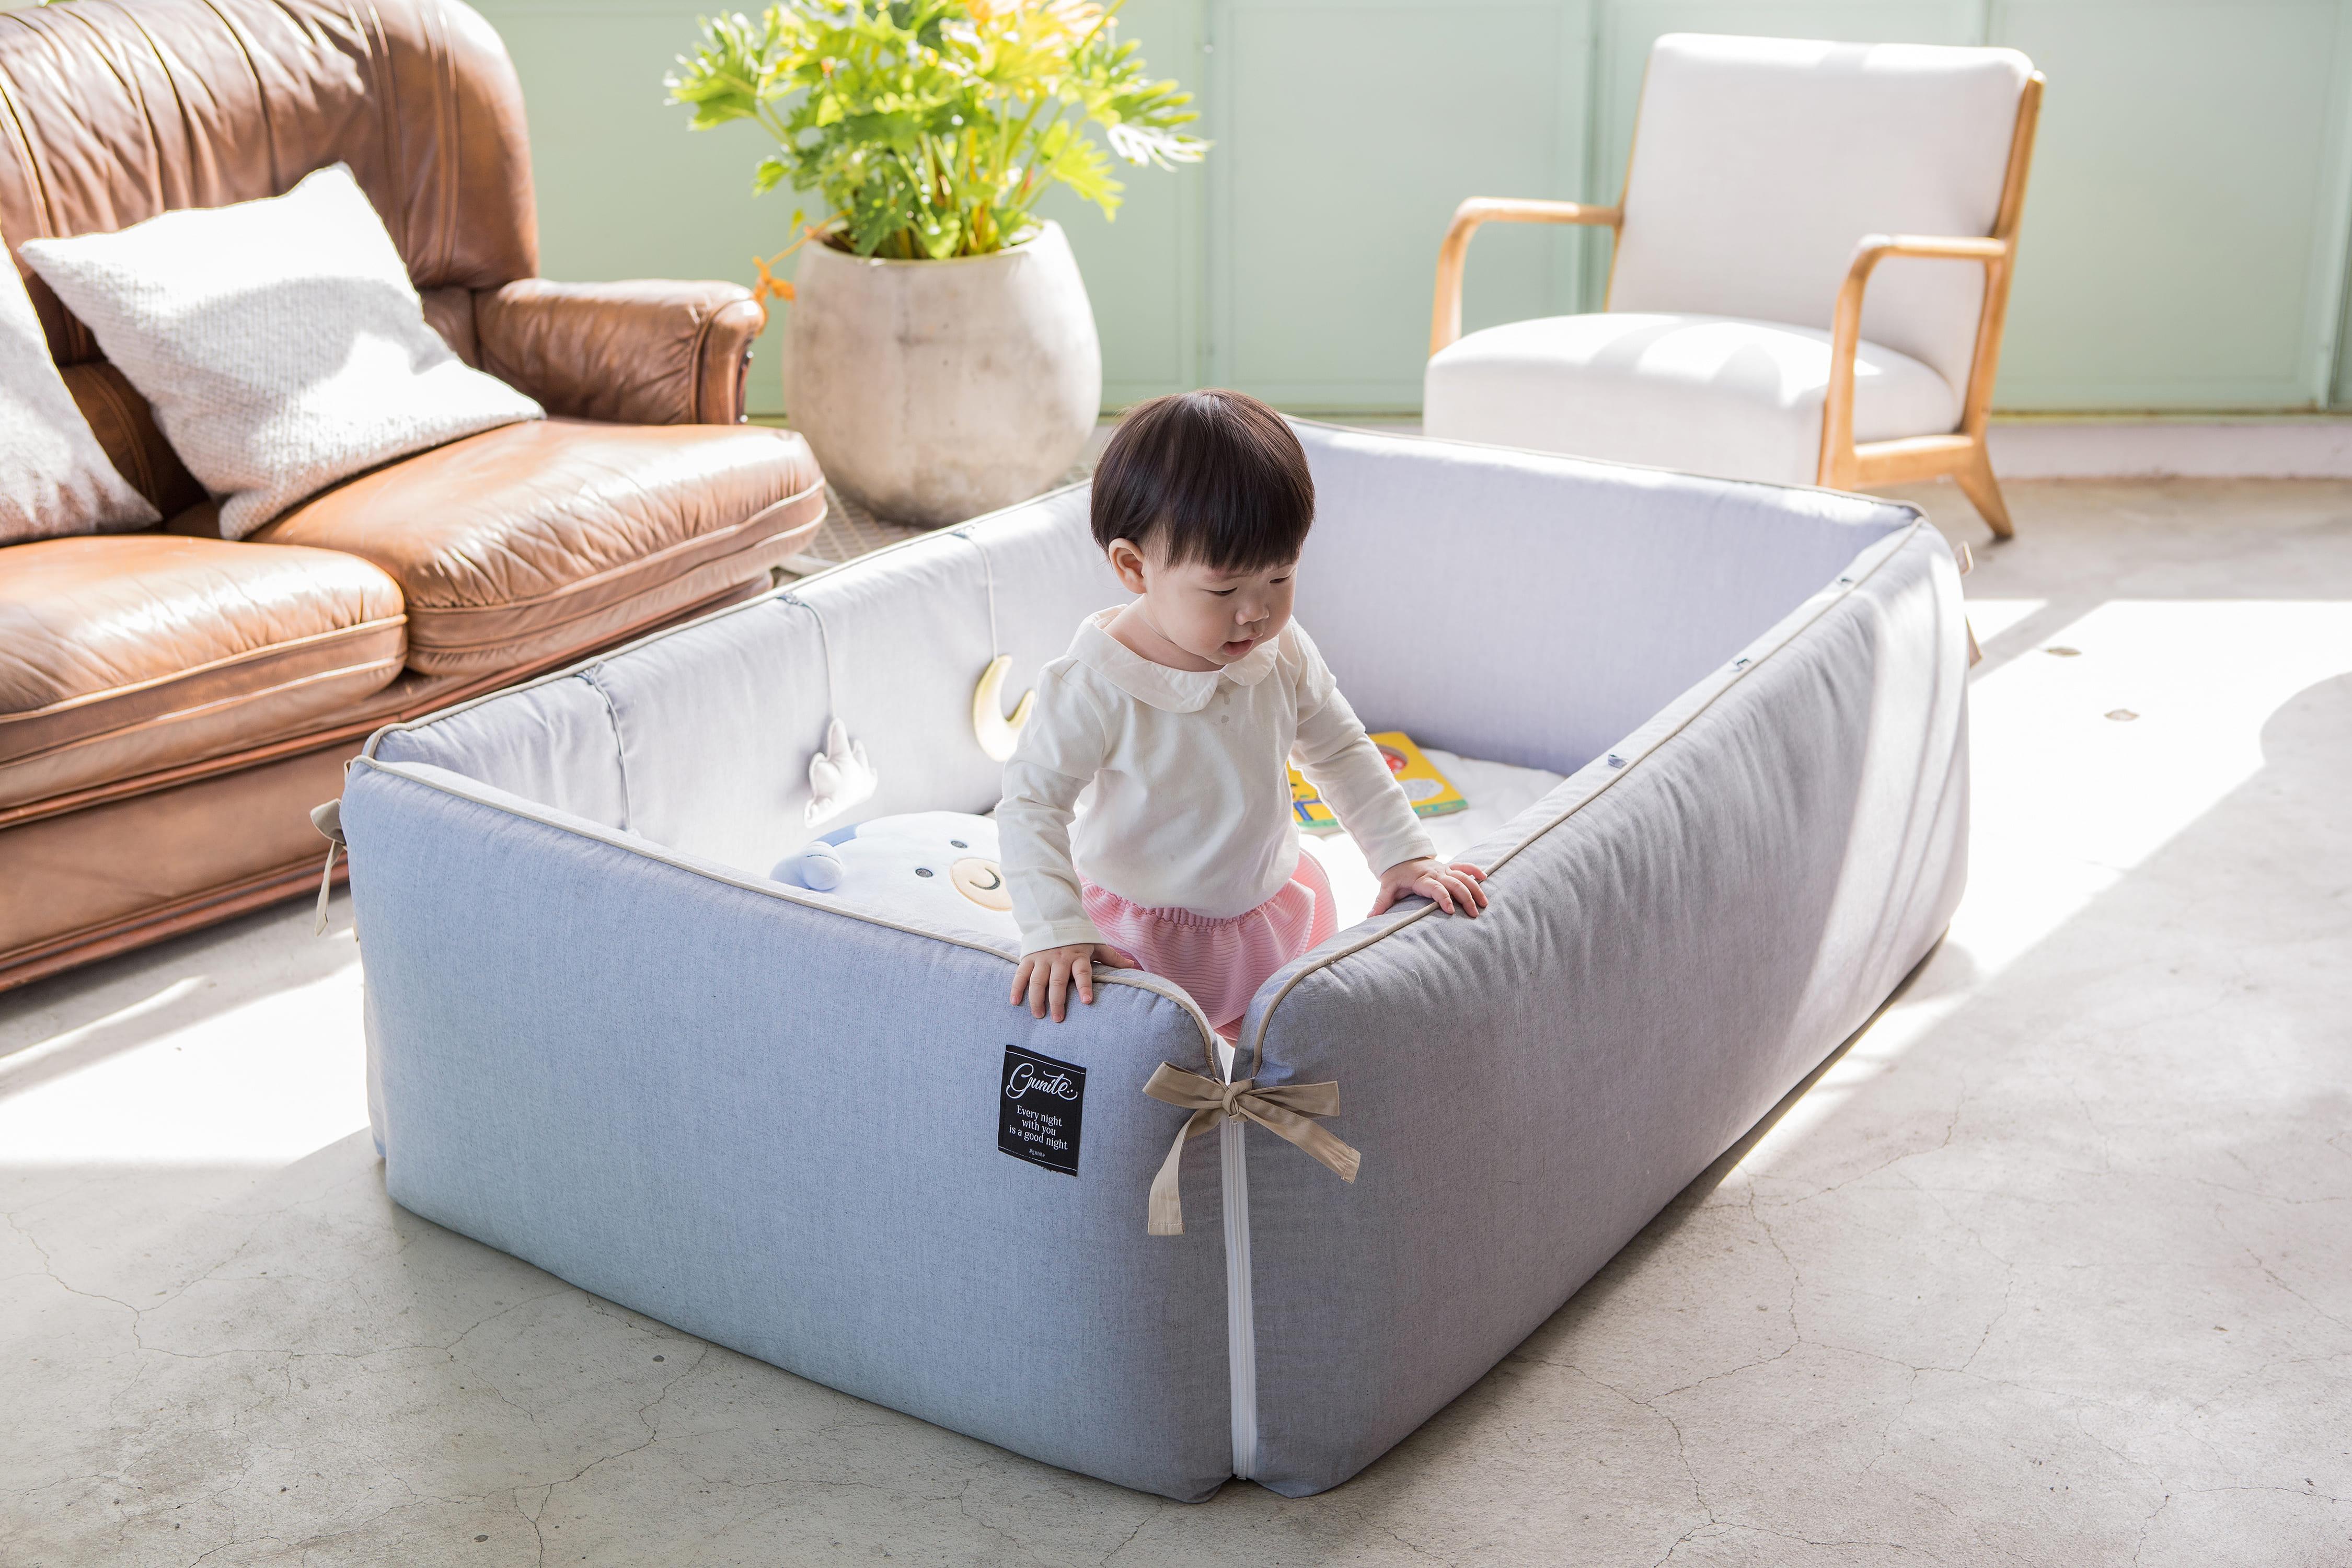 gunite嬰兒床落地式不怕摔落